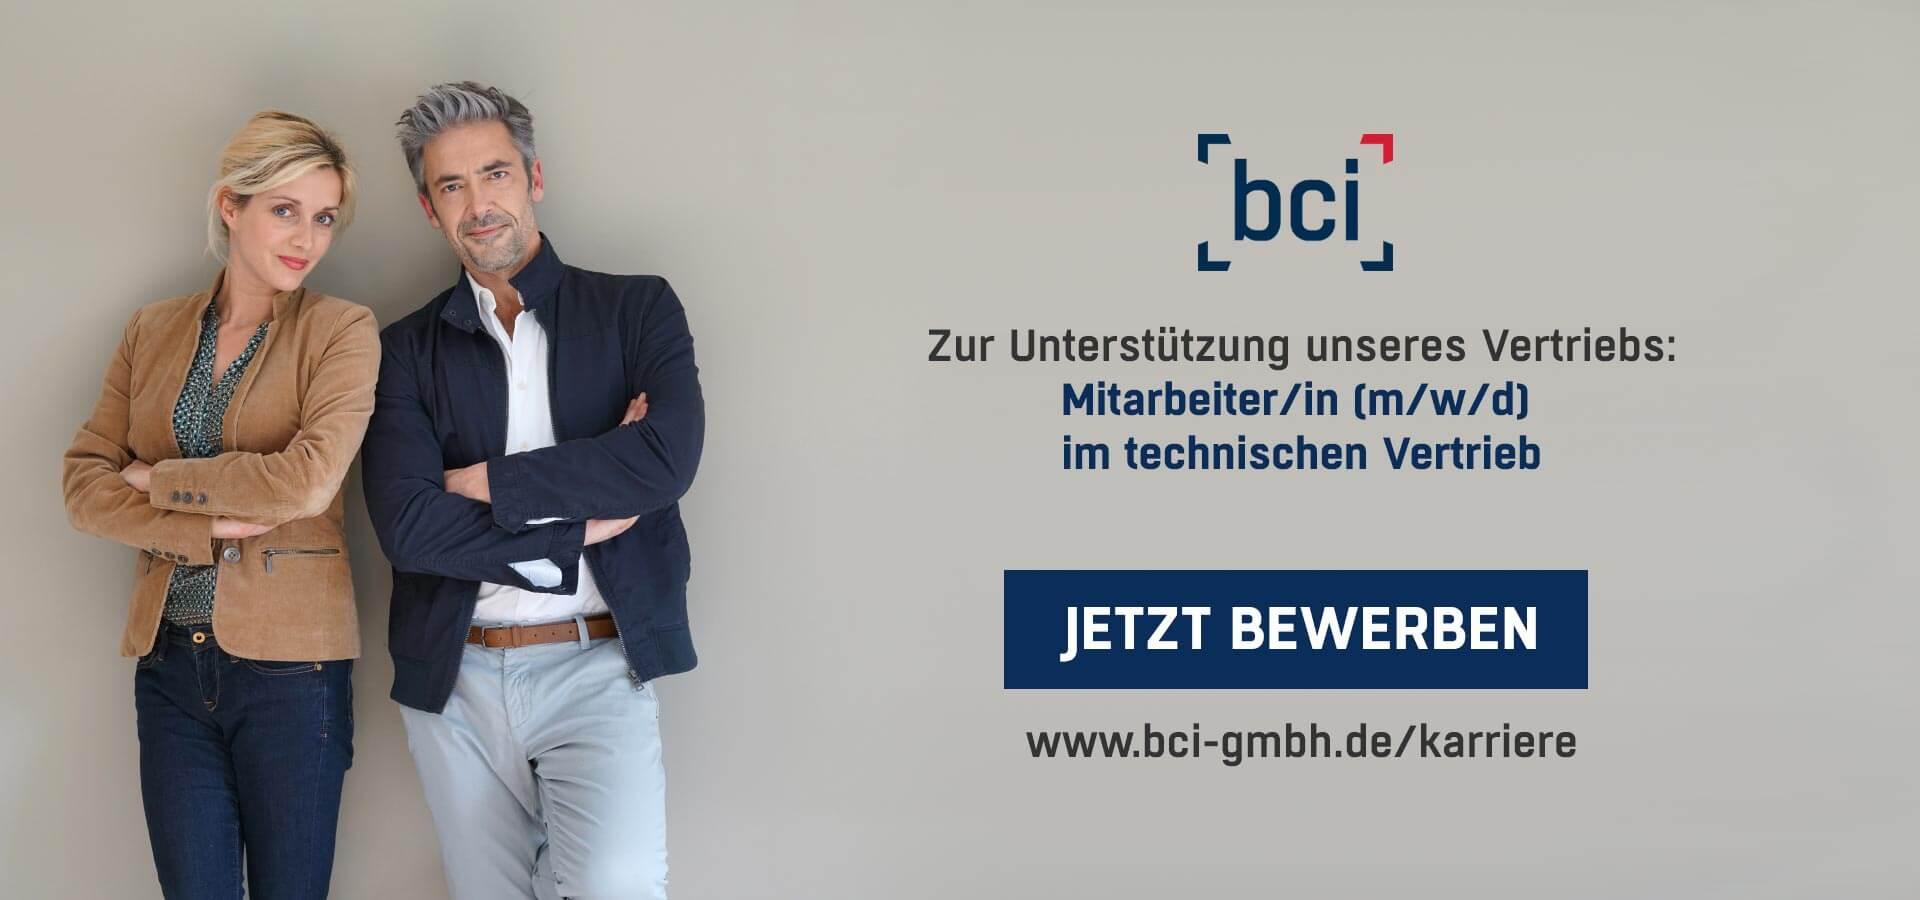 bci GmbH Karriere Vertriebsaussendienst OG